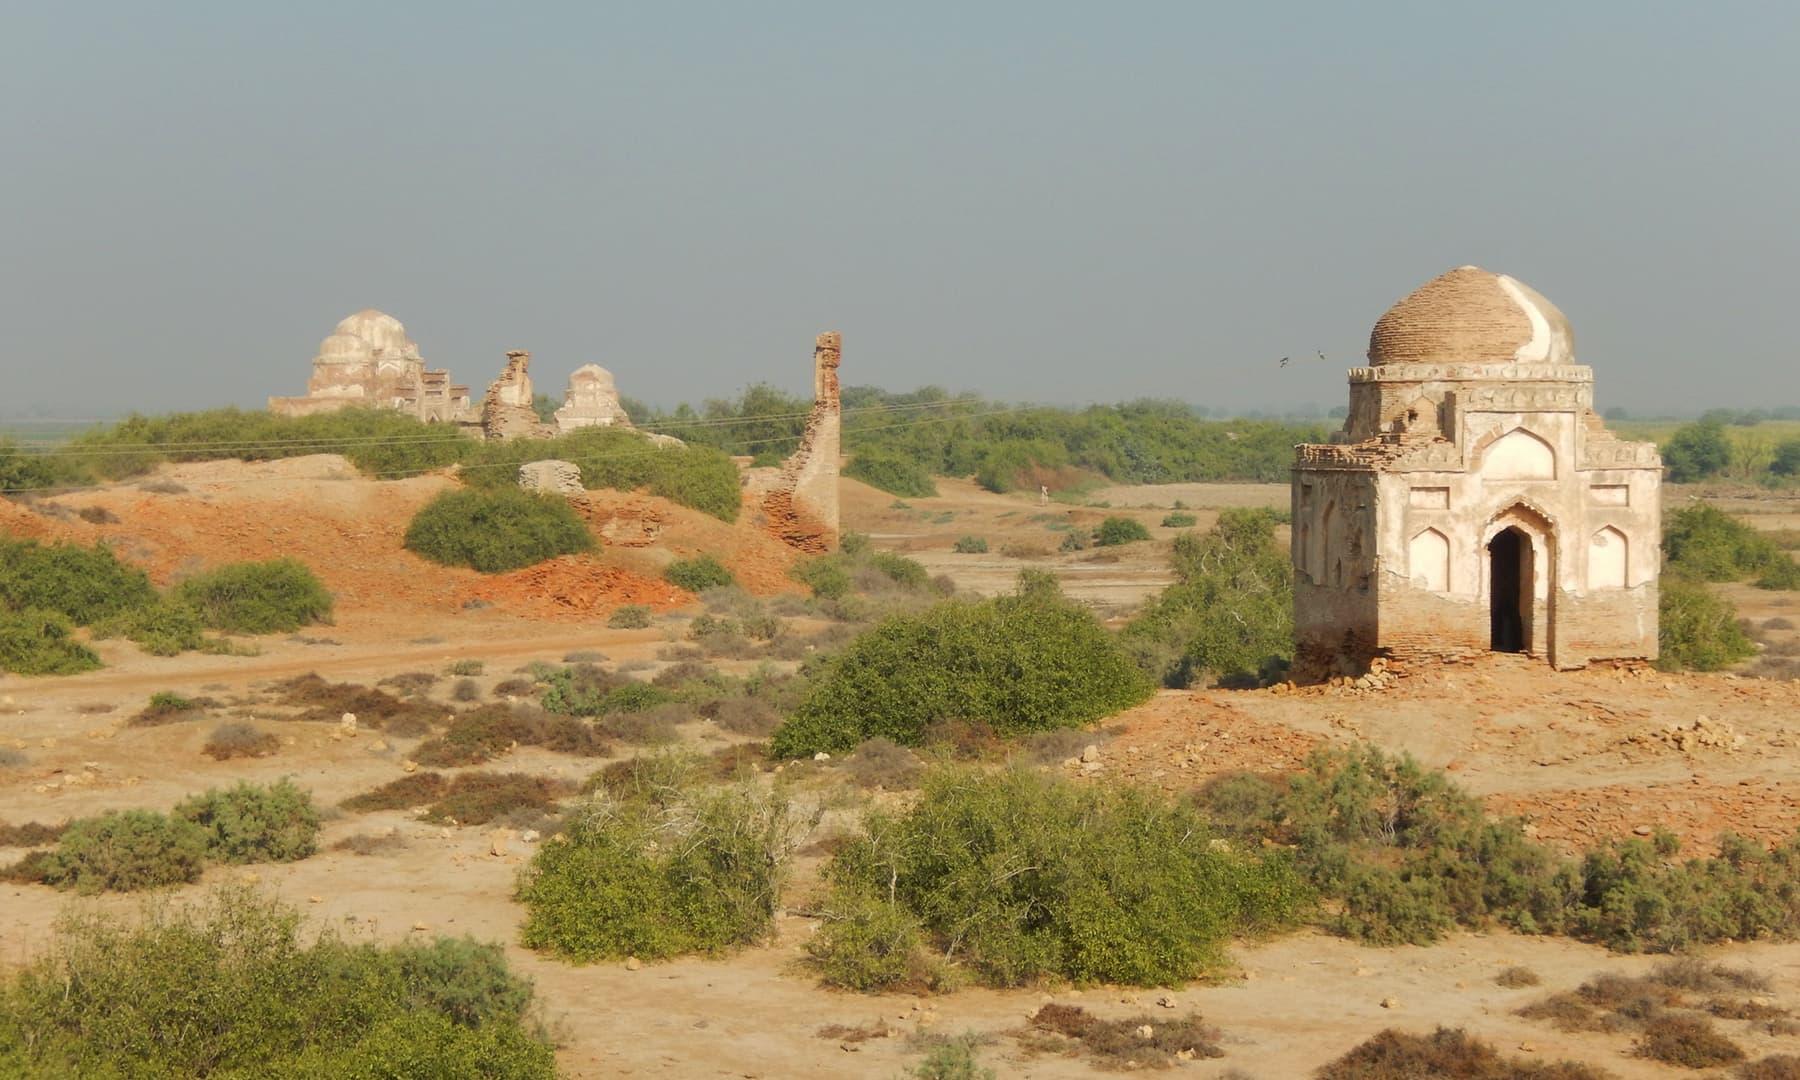 ٹنڈو فضل میں بکھرے آثار قدیمہ —تصویر ابوبکر شیخ